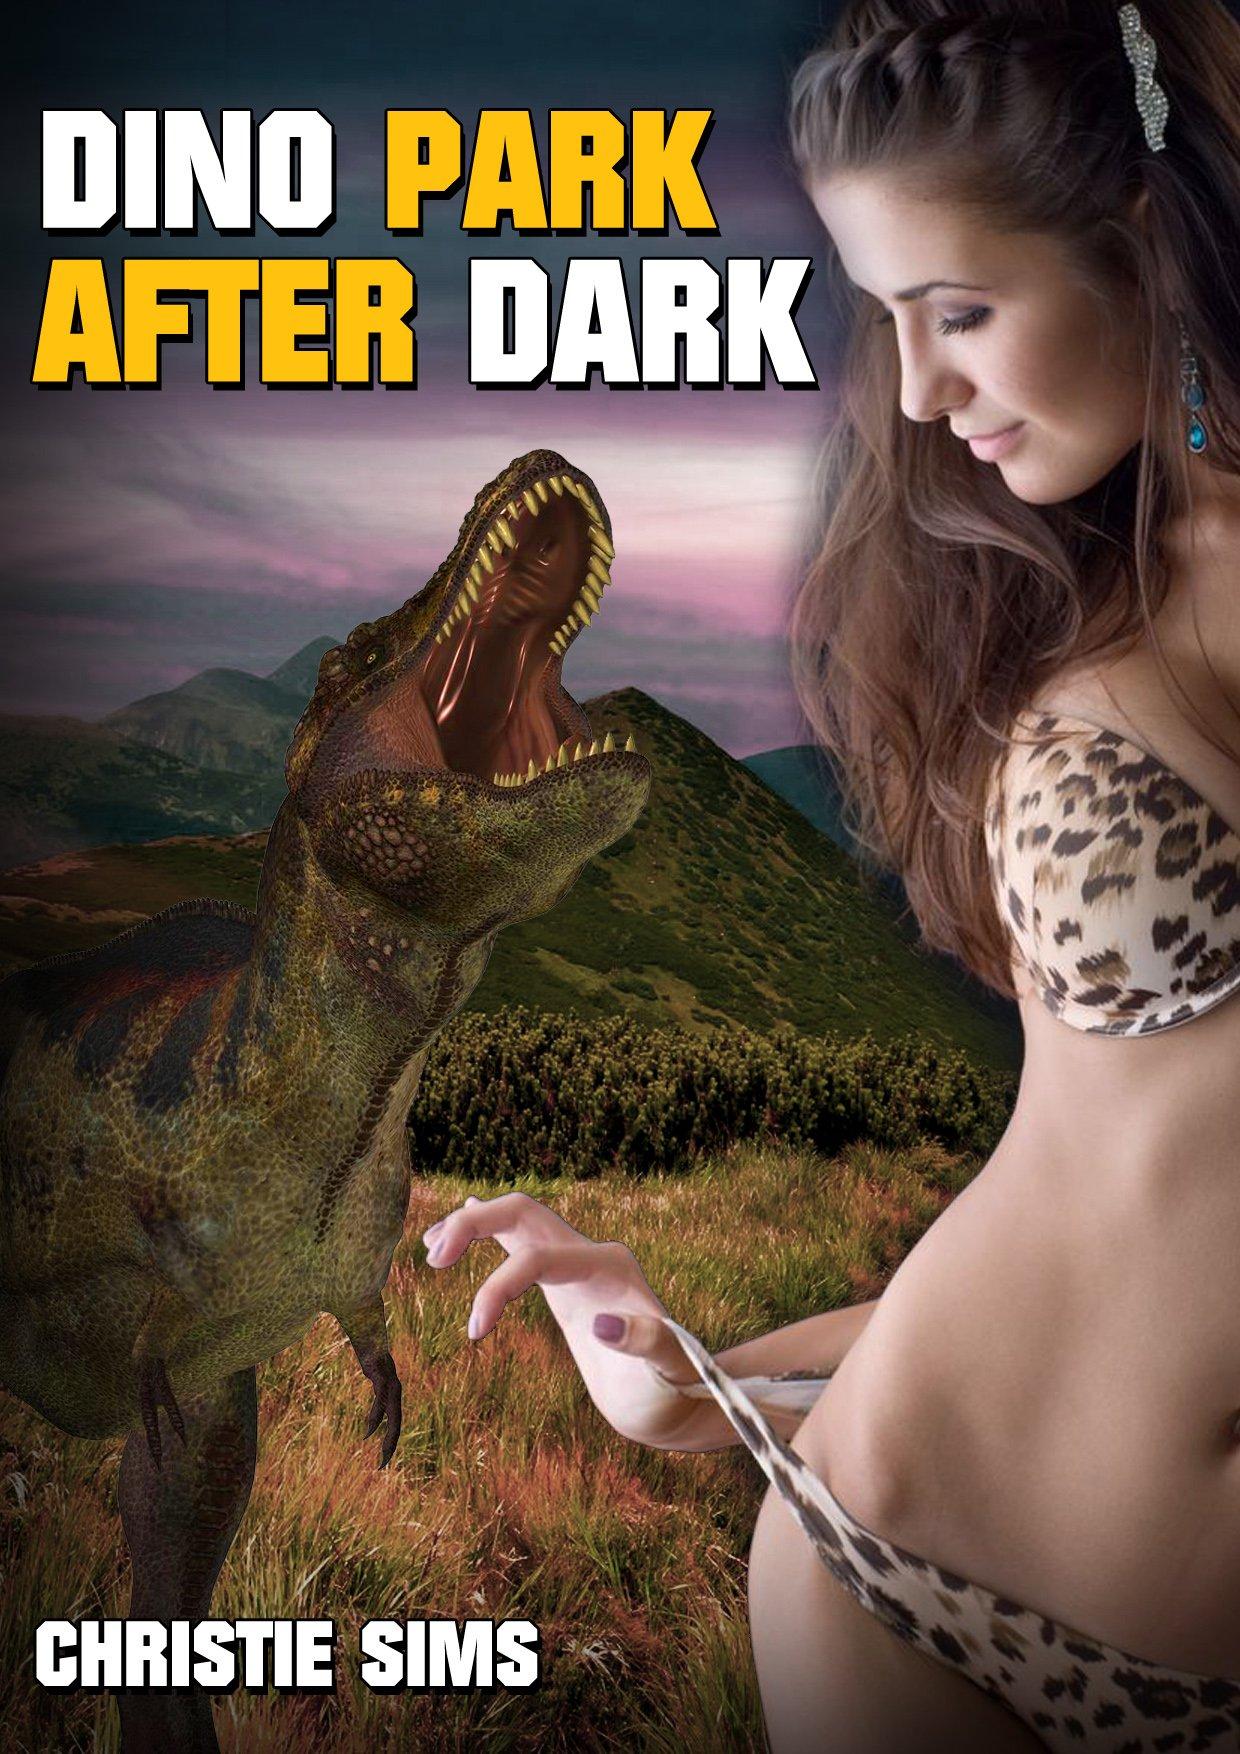 Dino erotica porn pics